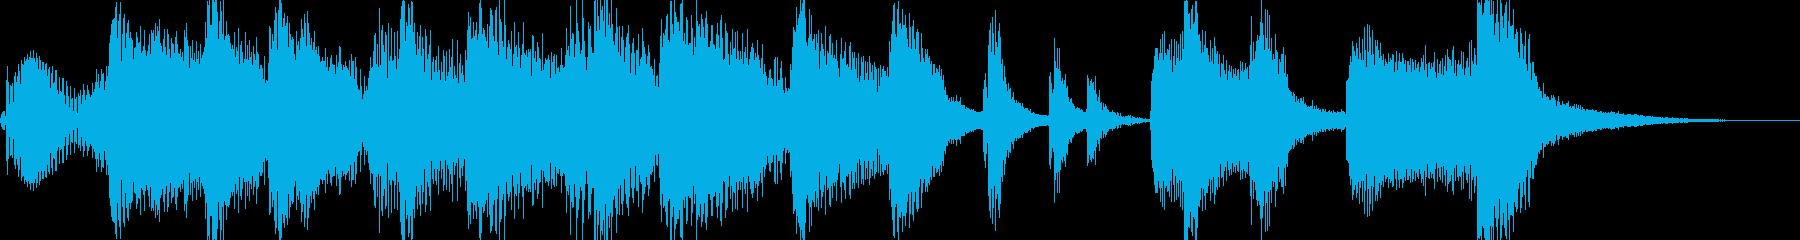 軽やかでワクワクなジングル・アイキャッチの再生済みの波形